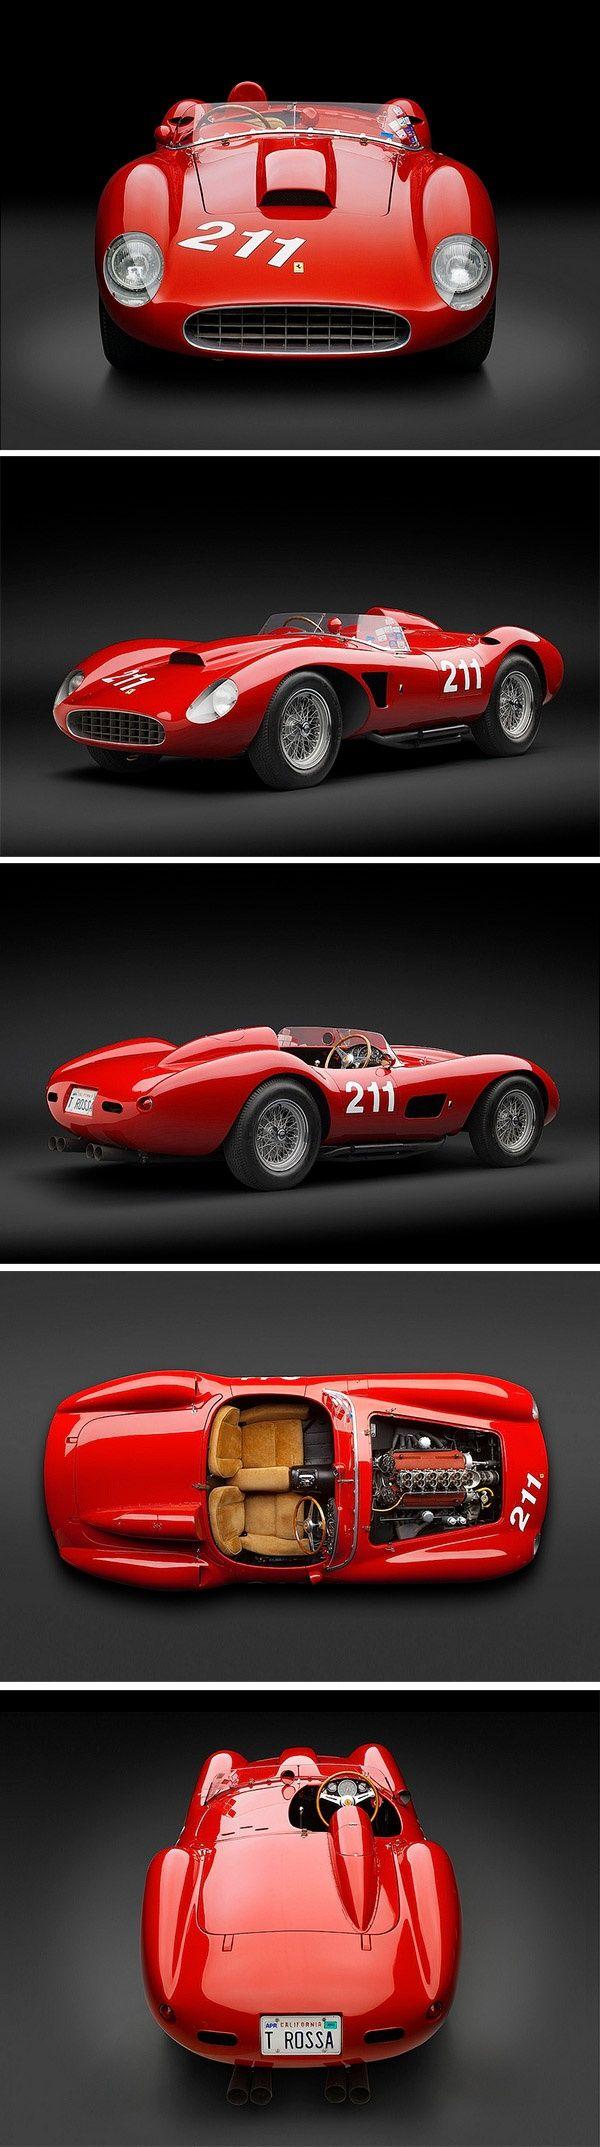 5424 best automotive design images on pinterest. Black Bedroom Furniture Sets. Home Design Ideas